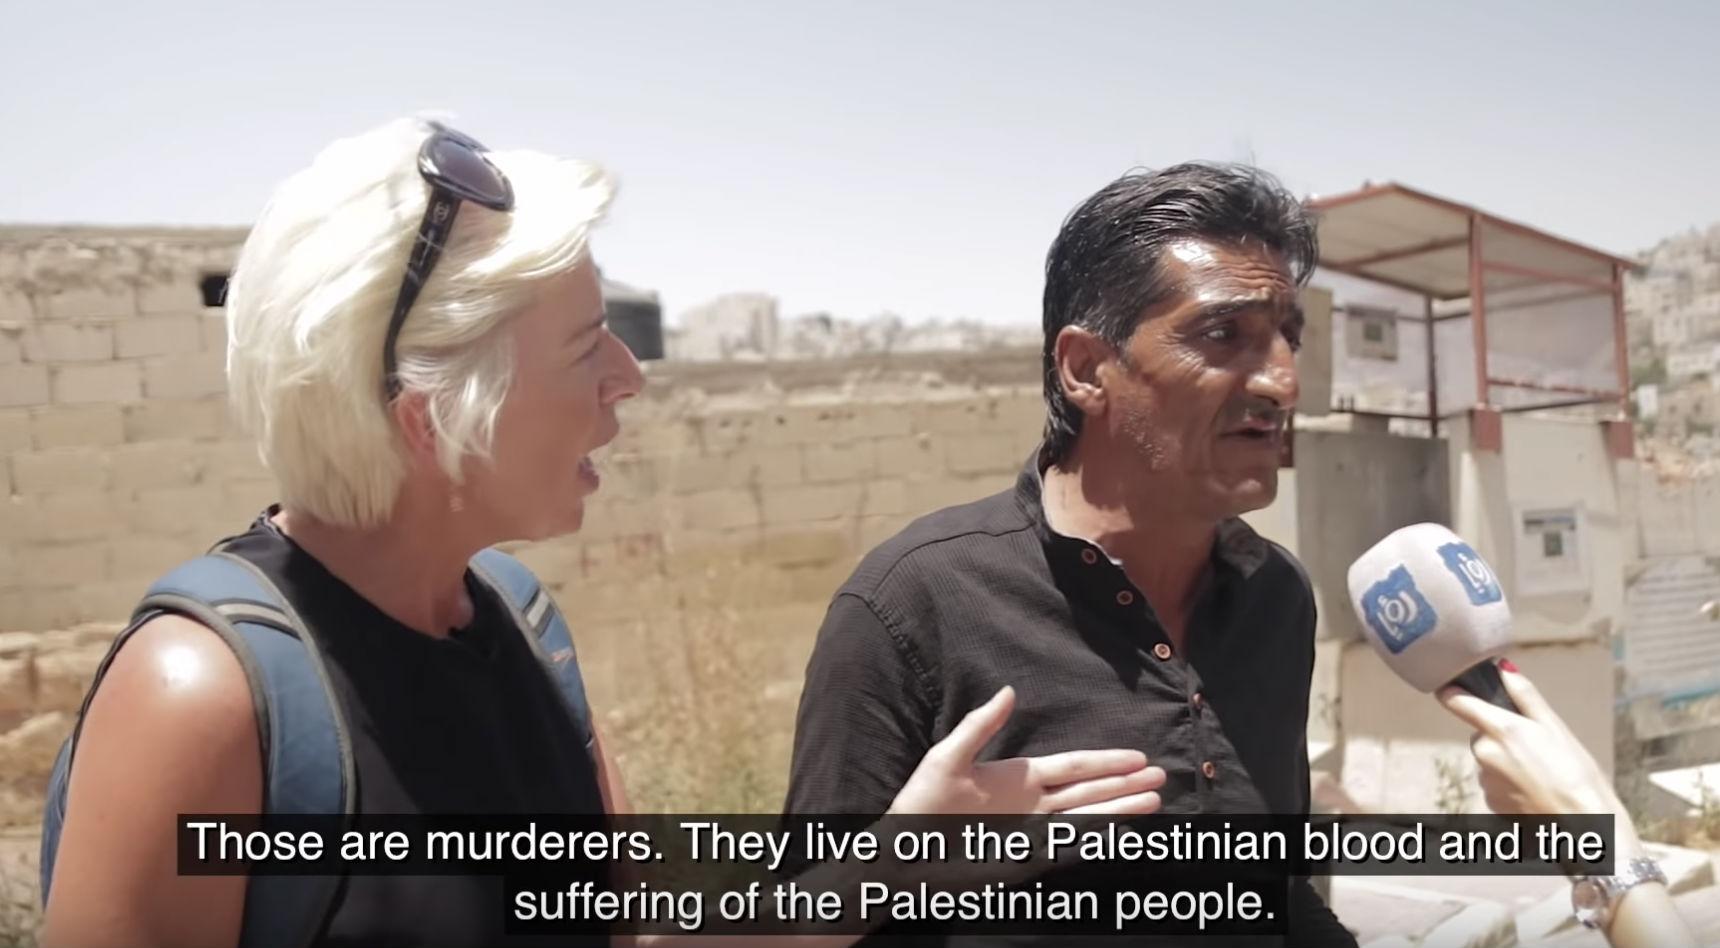 Une journaliste britannique clash un leader palestinien «Vous faites partie du problème, arrêtez de mentir au monde» (Vidéo)